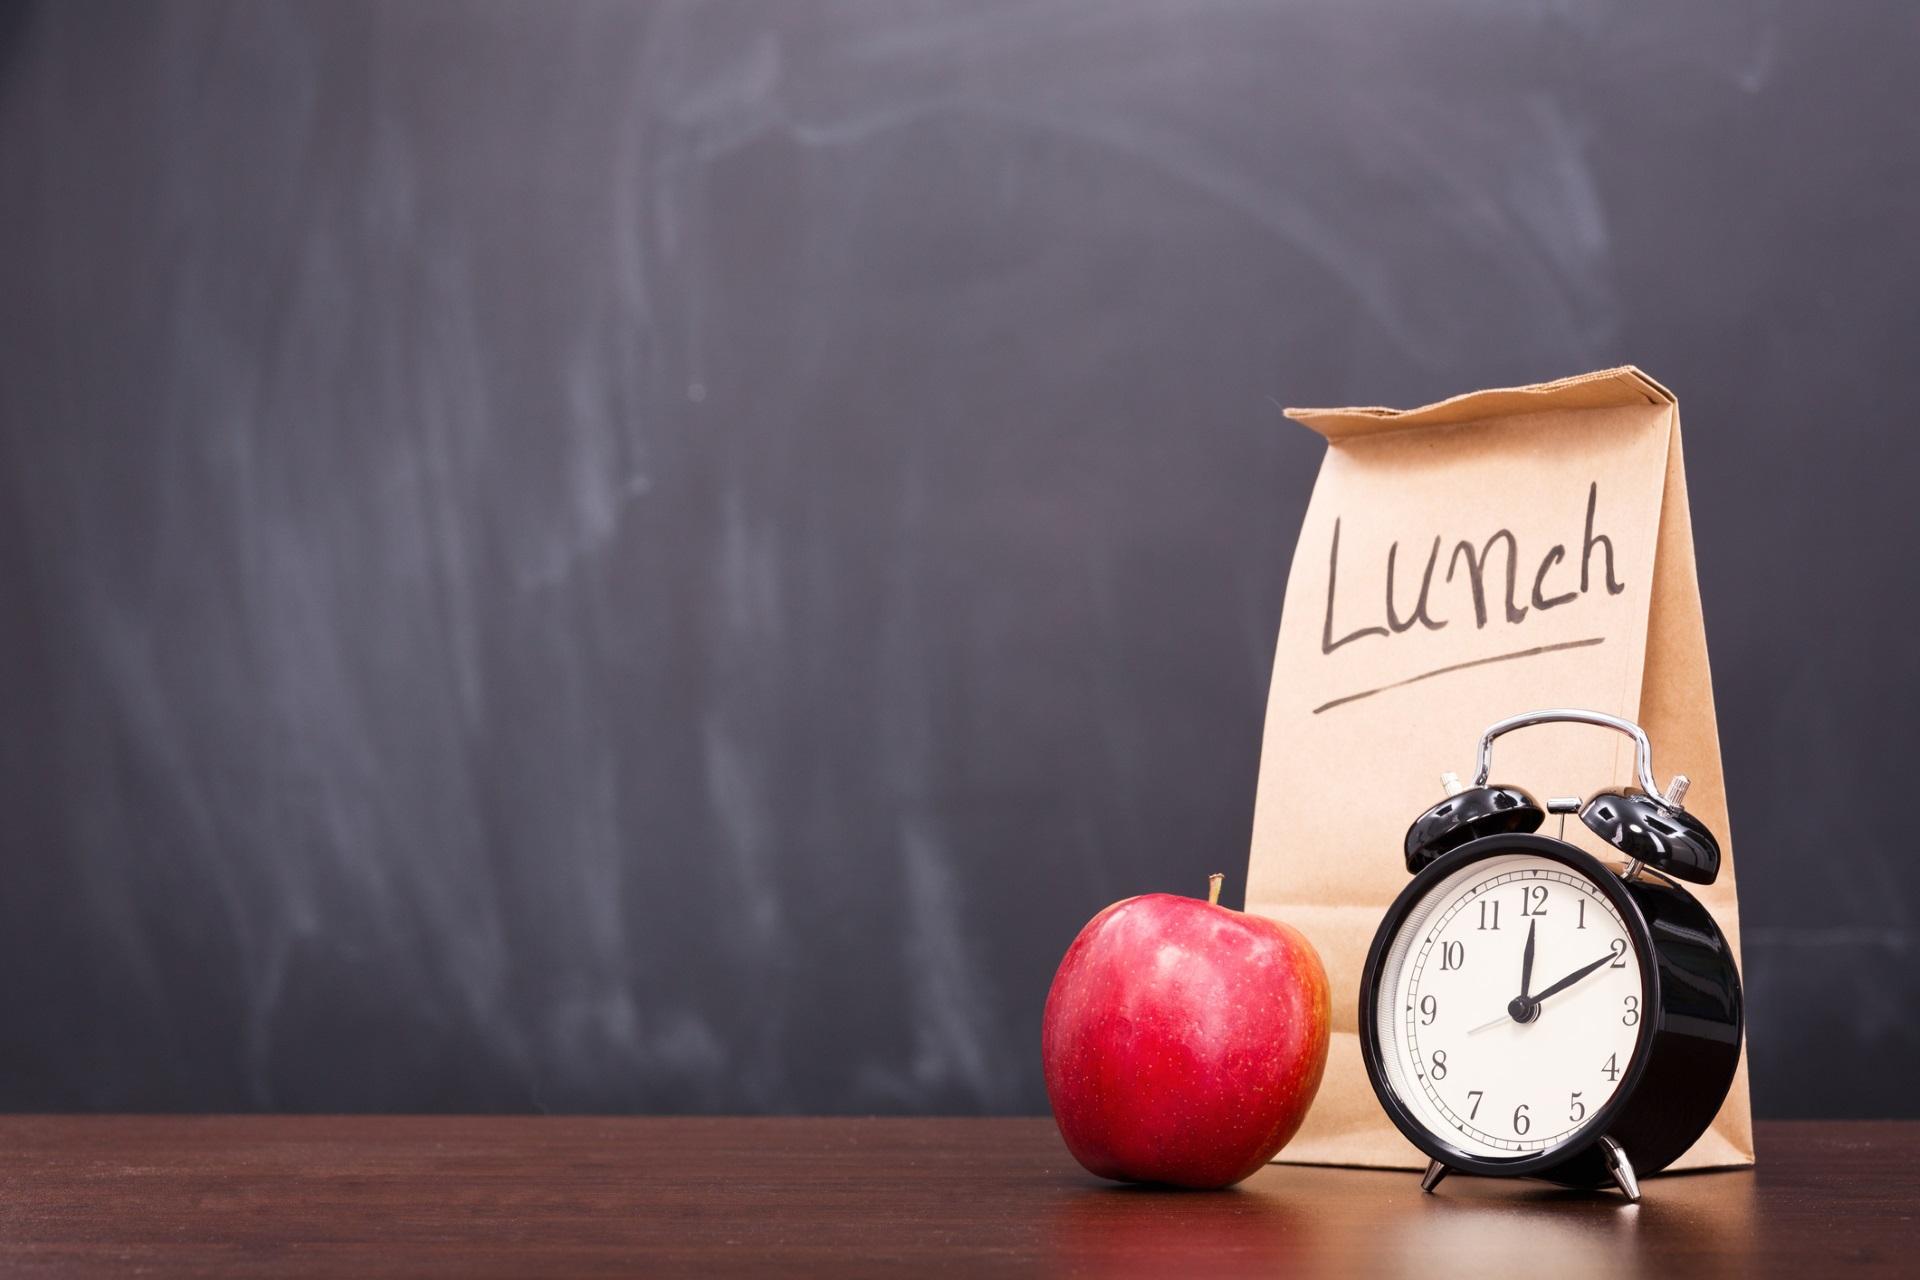 <p><strong>Обядвайте в правилното време</strong></p>  <p>Работата може да ви погълне, но навийте аларма на телефона си и обядвайте преди 15 ч. Проучване установява, че затлъстелите жени, които ядат обяда си след 15 ч. губят 25% по-малко тегло от тези, които обядват по-рано.</p>